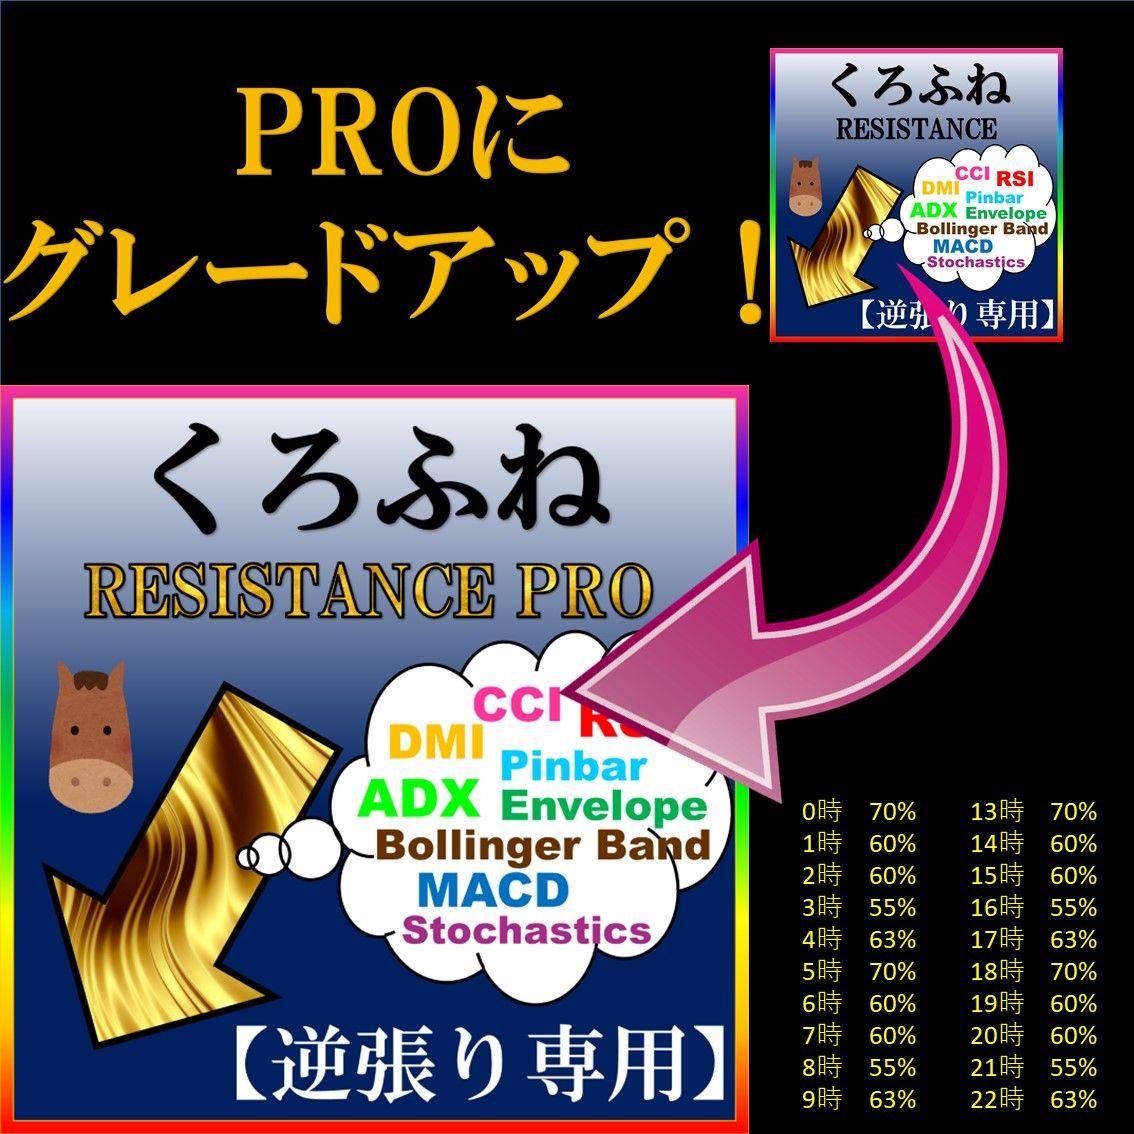 KUROHUNE  RESISTANCE  PRO(KUROHUNE RESISTANCEをお持ちの方専用)